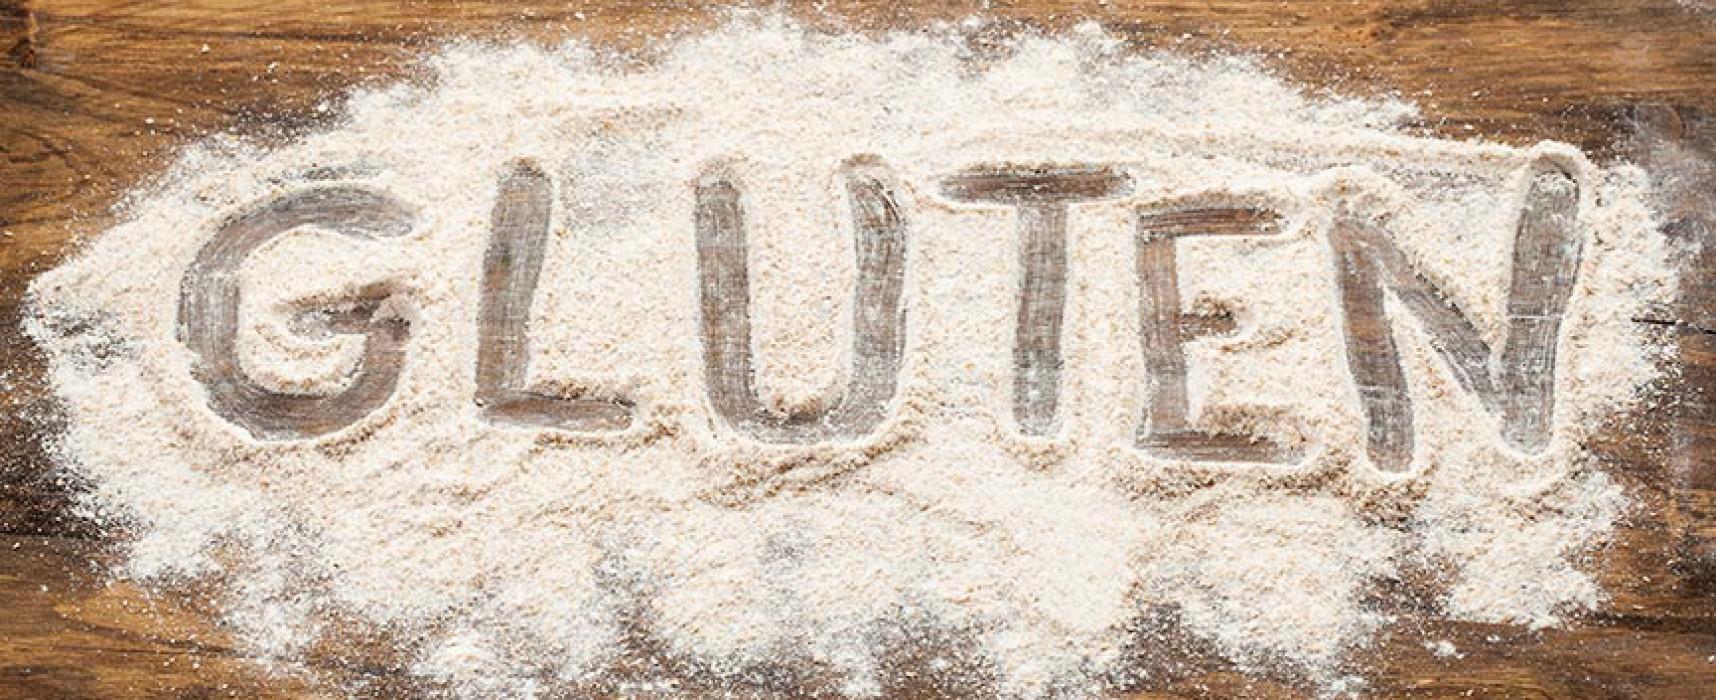 Gluten: argumentos a favor y en contra